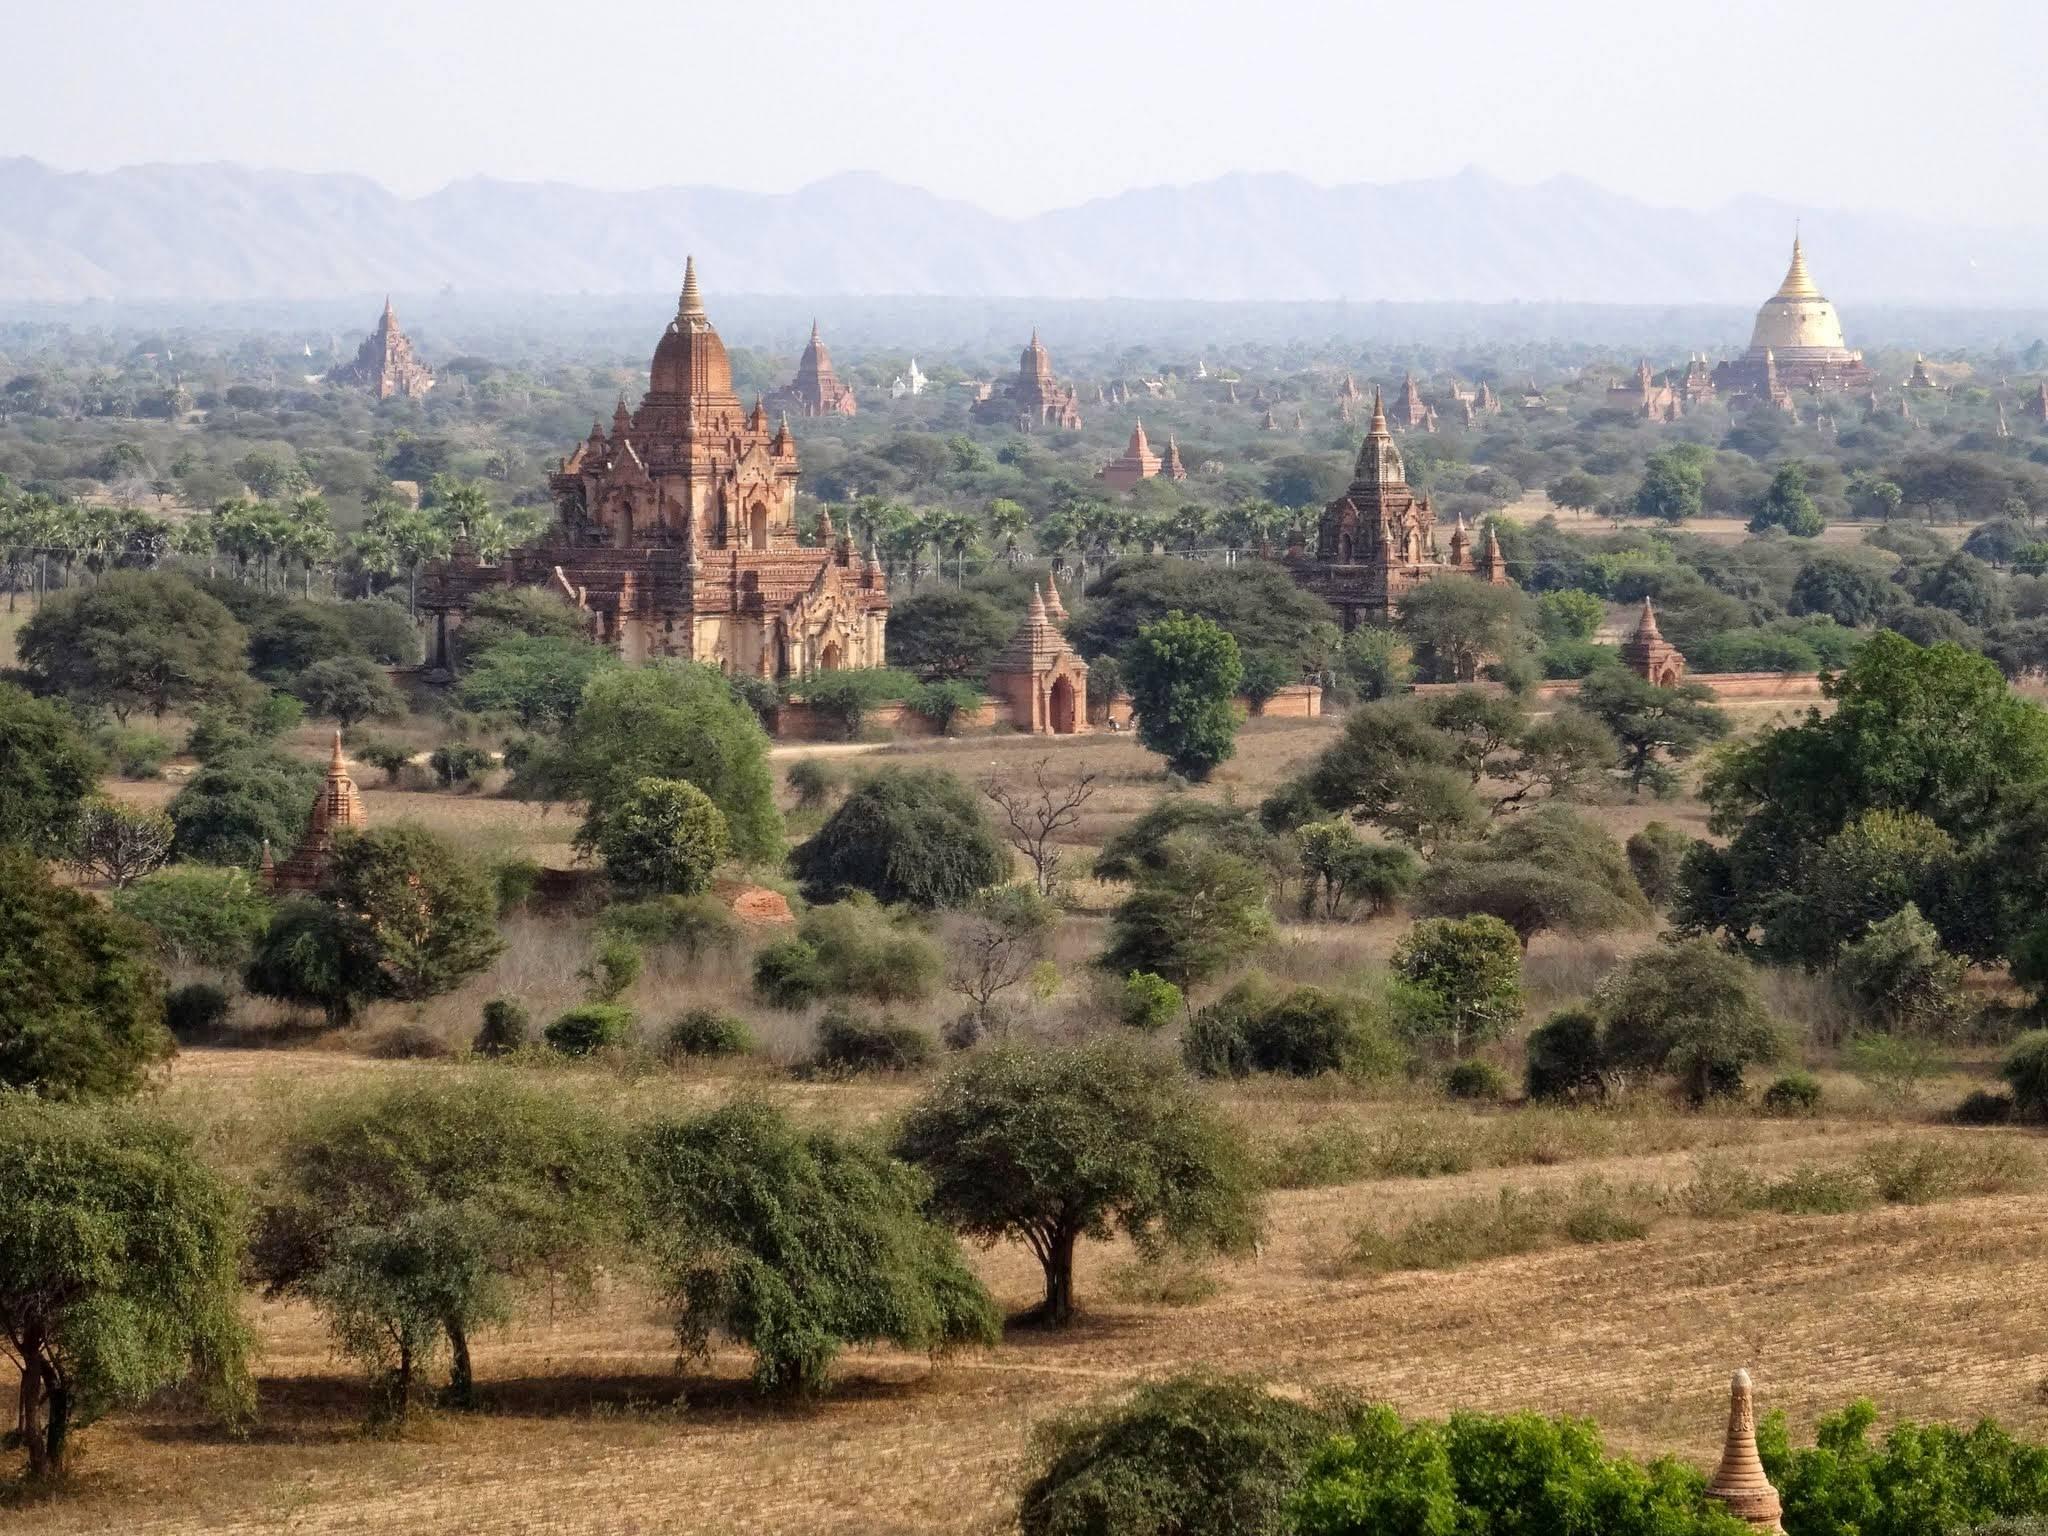 Photo 3: Bagan, l'incontournable site de la Birmanie